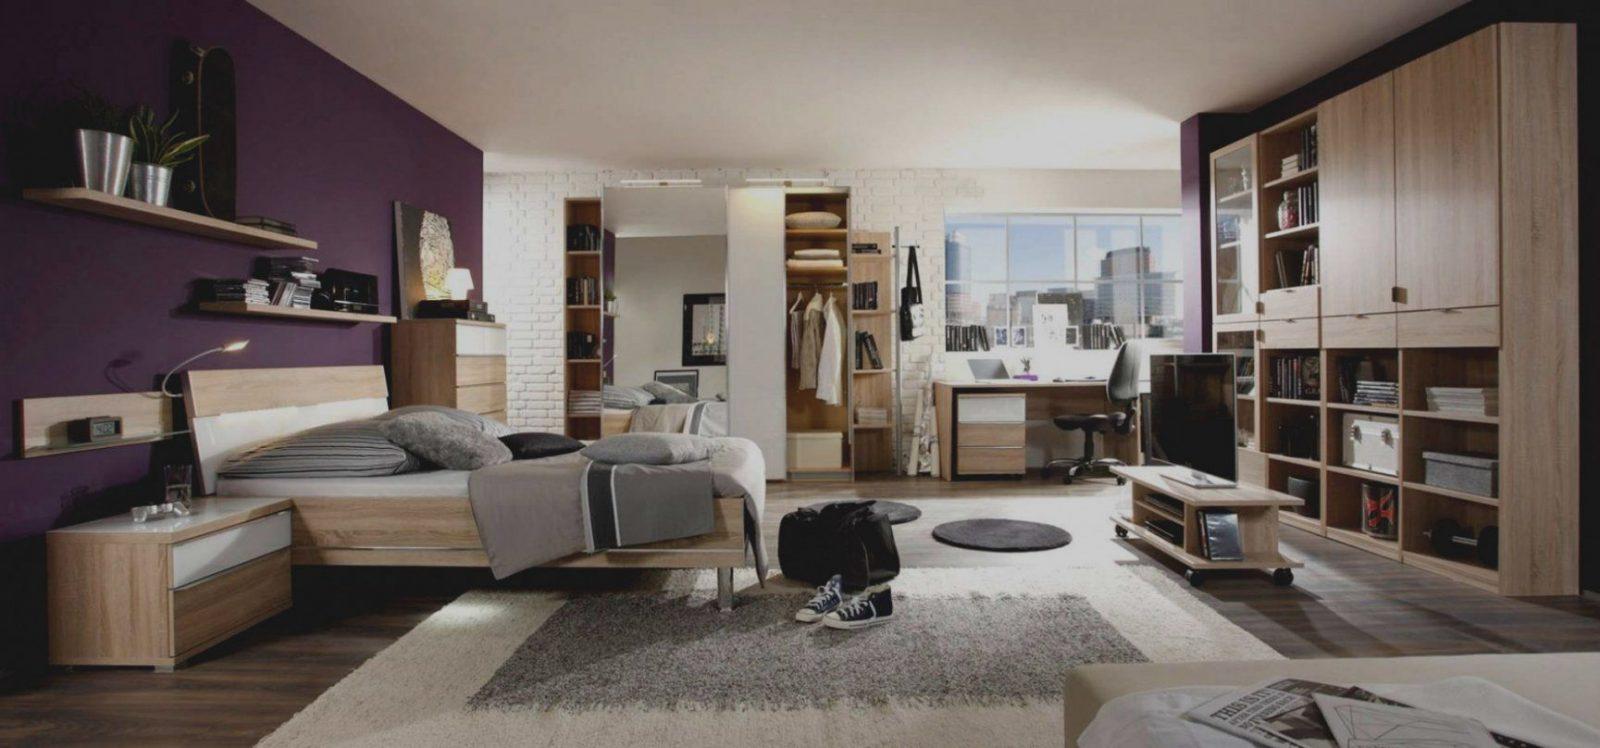 Erstaunlich 1 Zimmer Wohnung Einrichten Ikea Home Ideen  Punkvoter von 1 Zimmer Wohnung Einrichten Ikea Bild